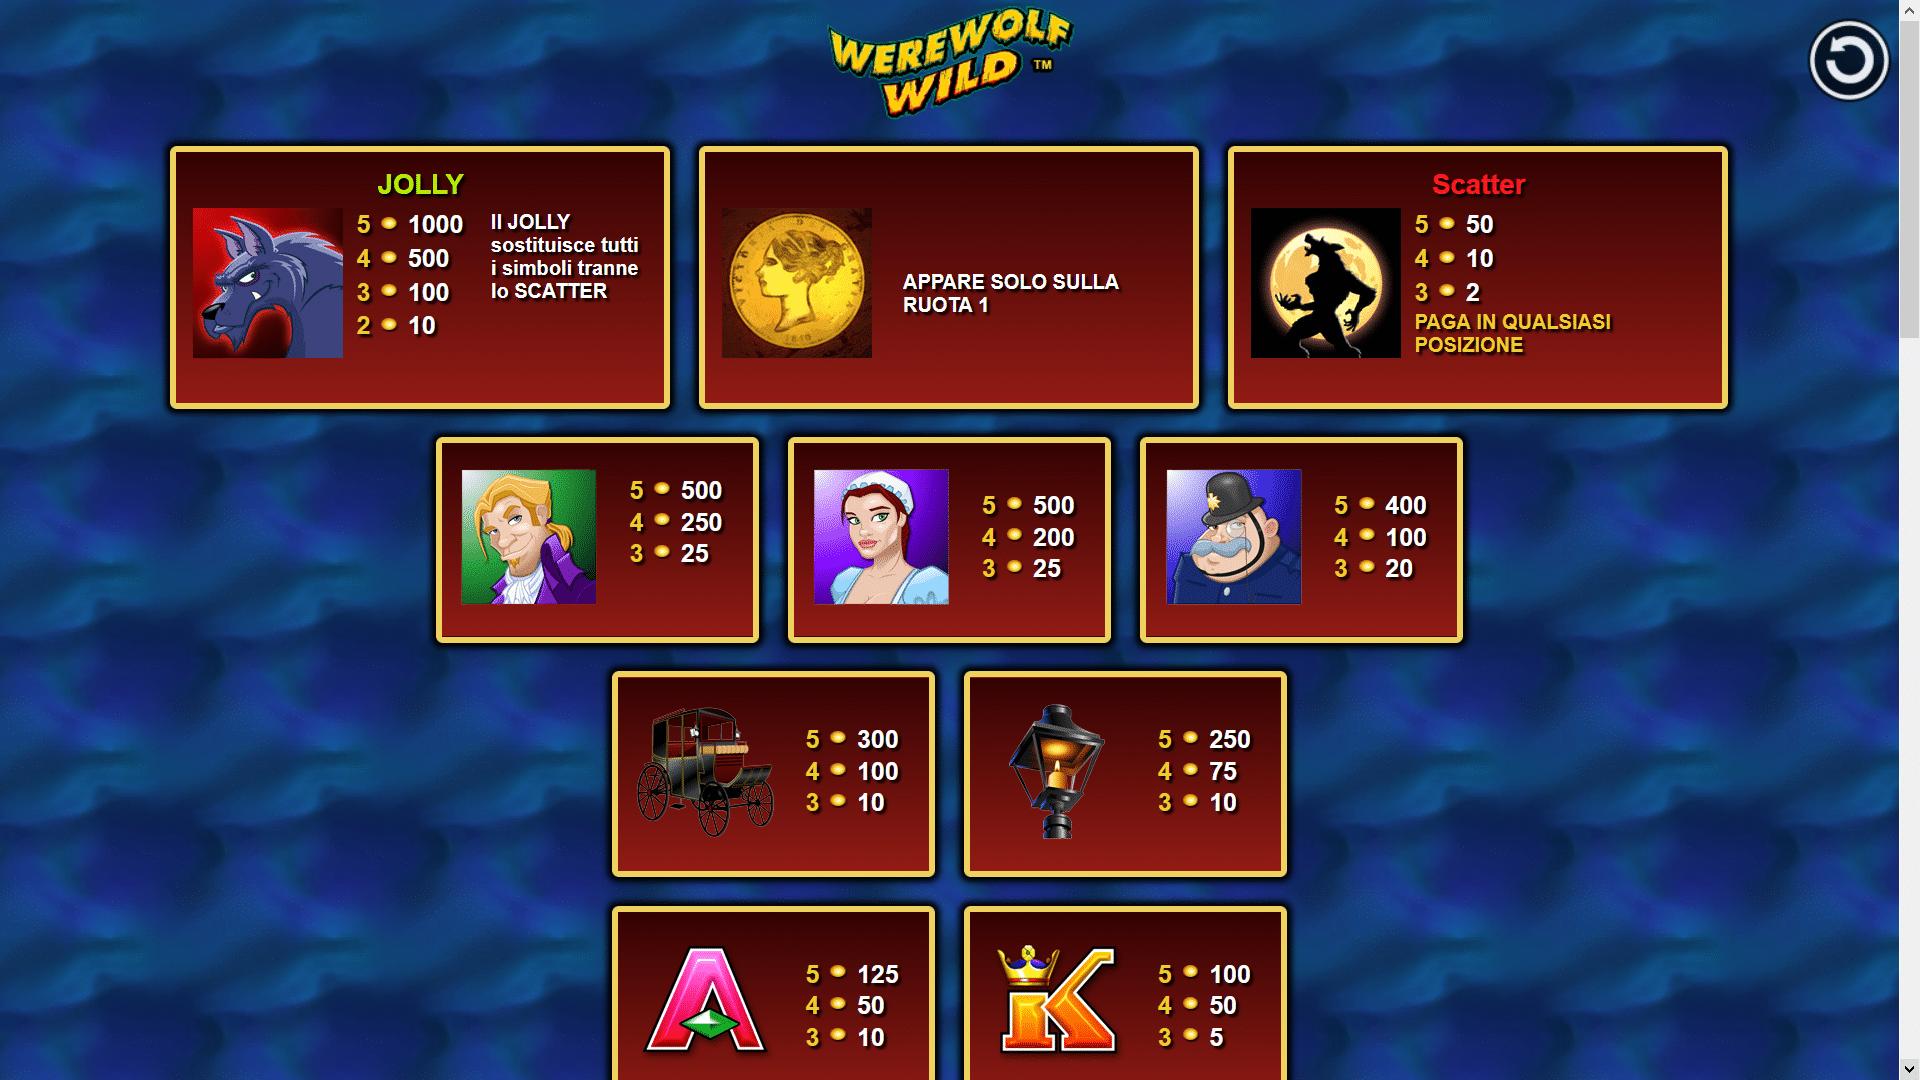 Tabella dei Pagamenti della Slot gratis Werewolf Wild